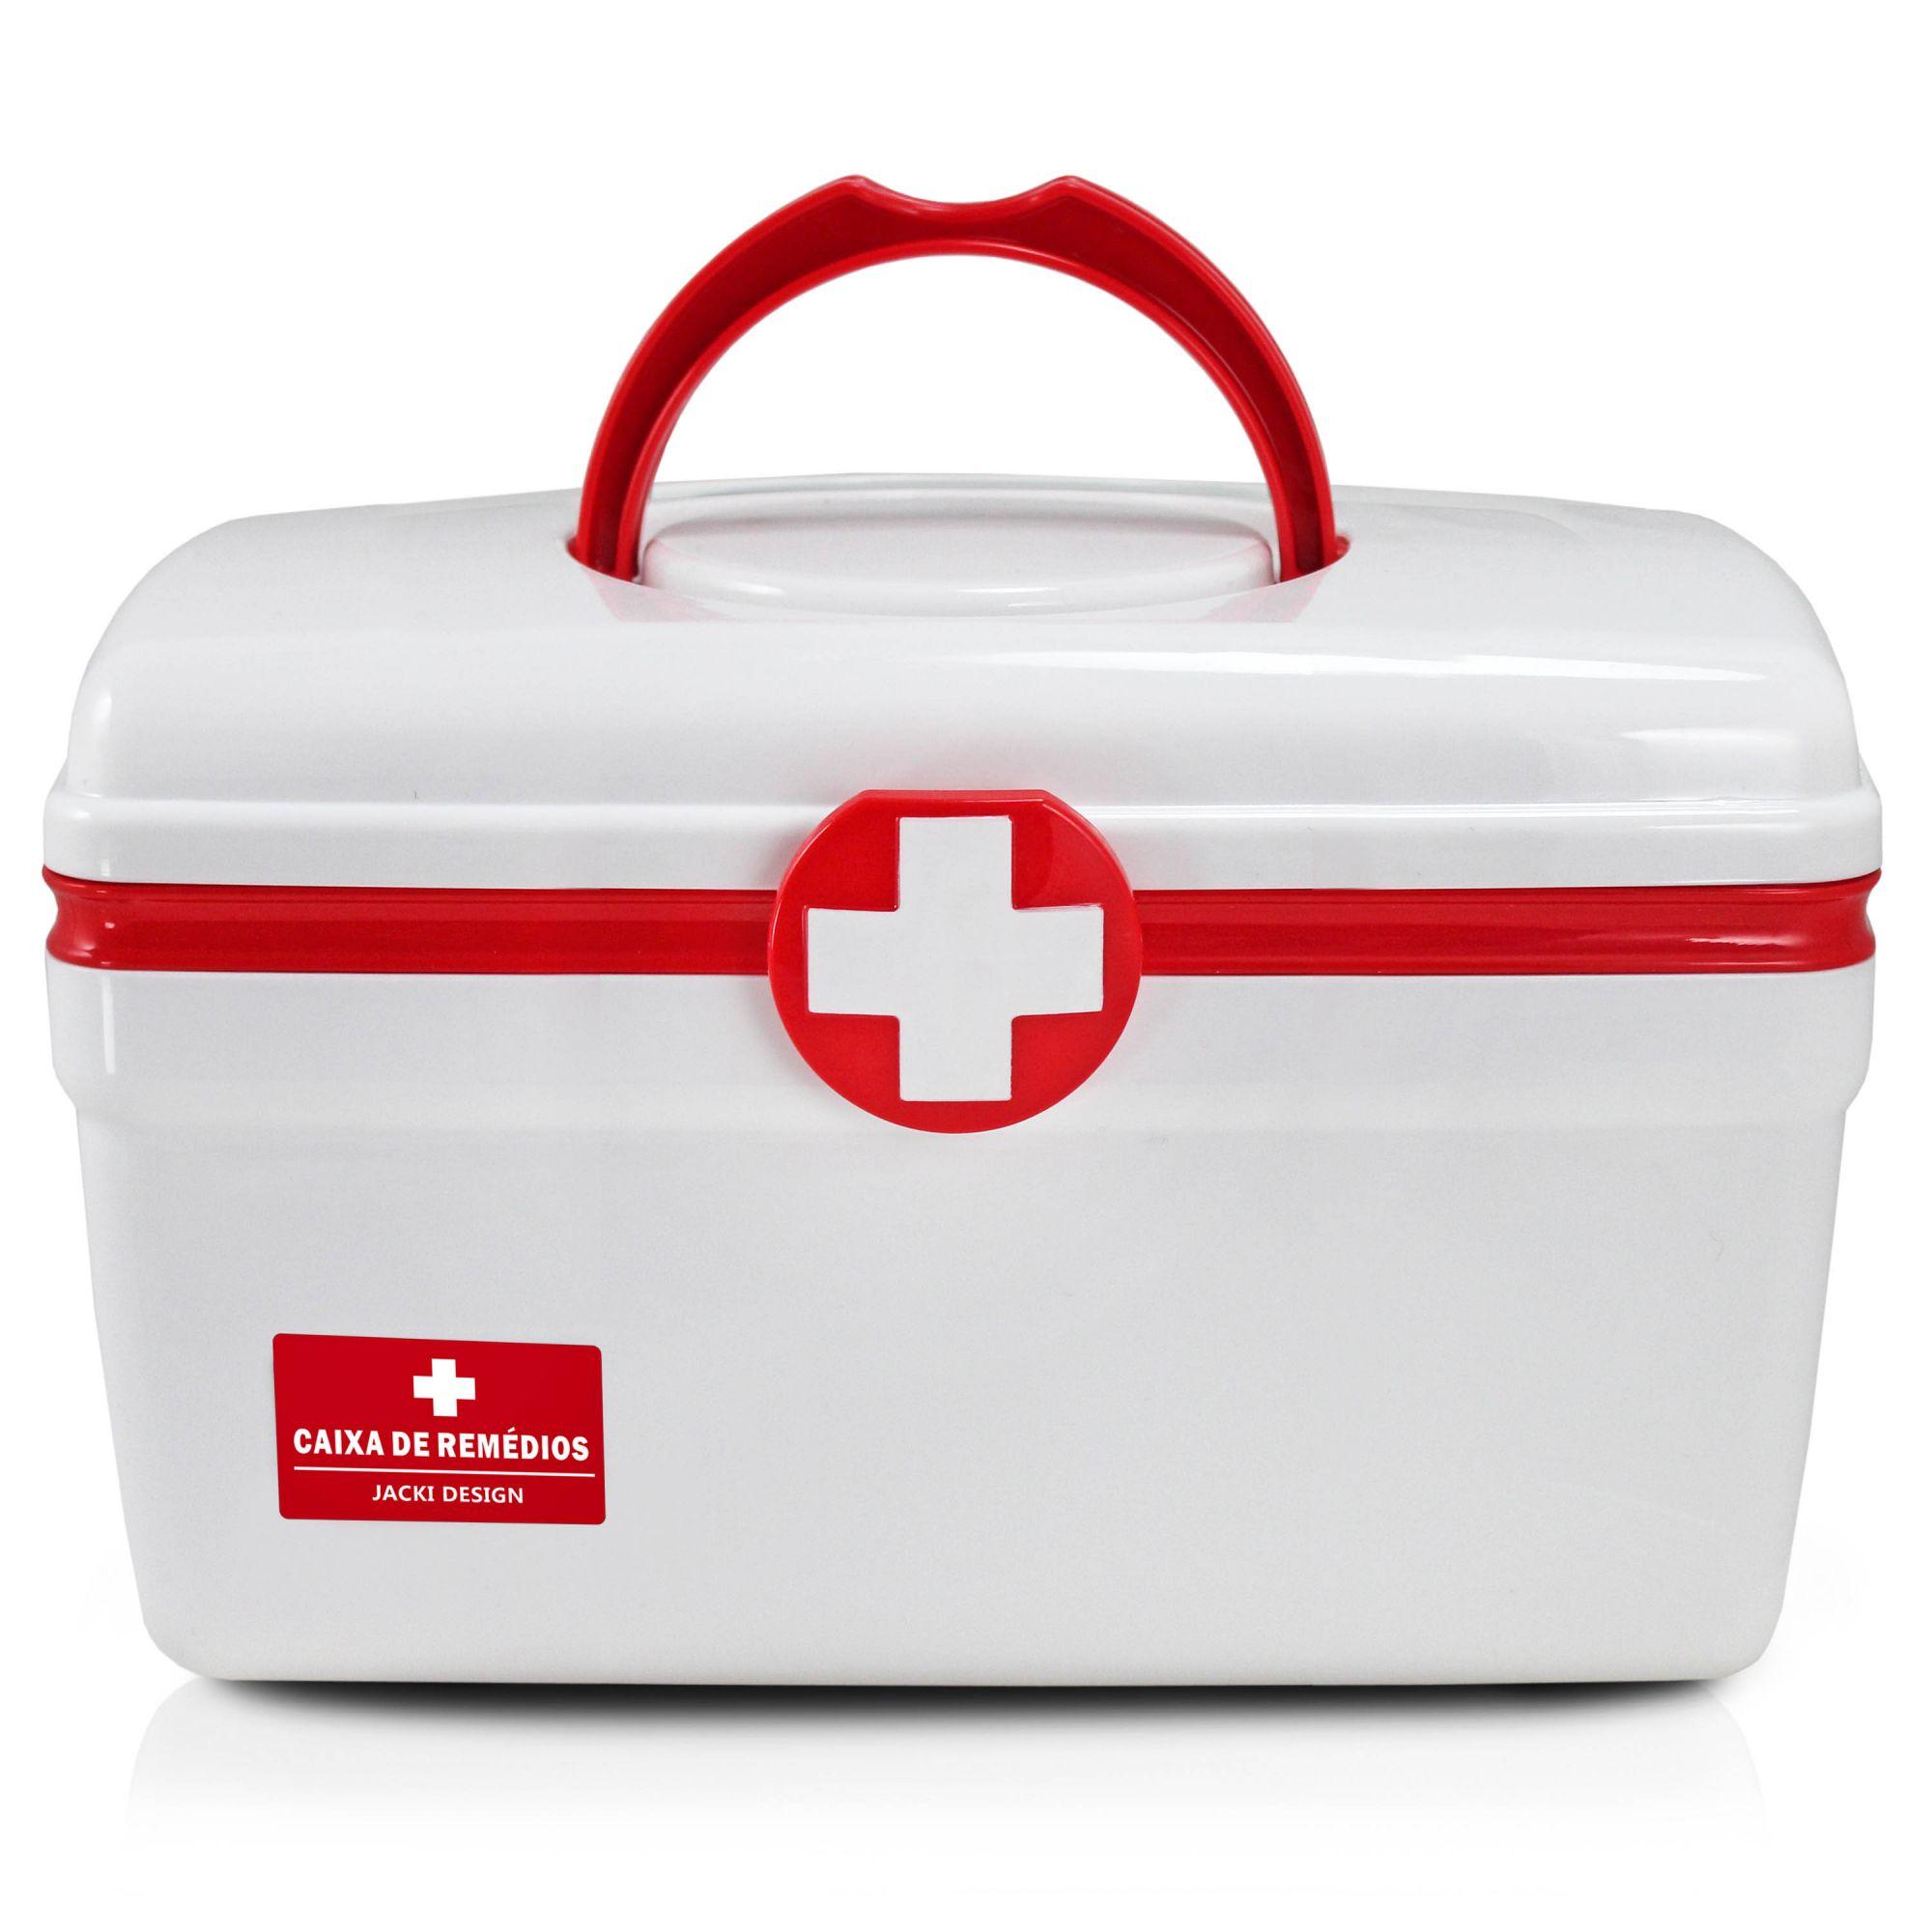 Caixa De Remédios G Ahx18719 Maleta Primeiros Socorros